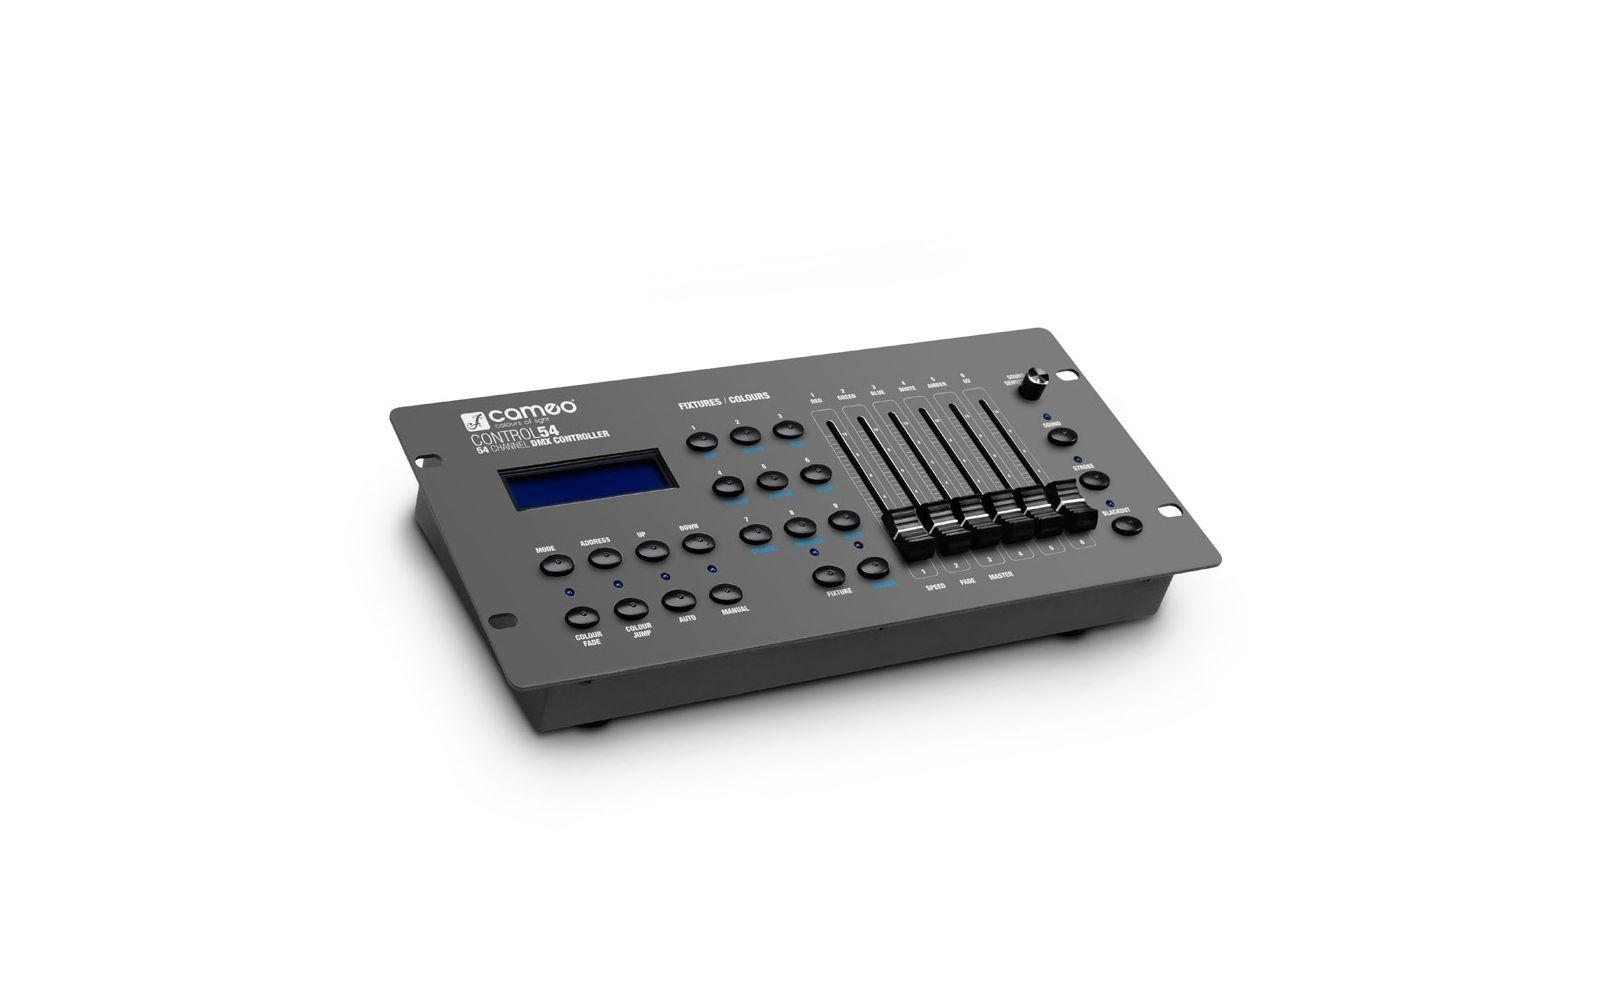 cameo-control-54-54-kanal-dmx-controller